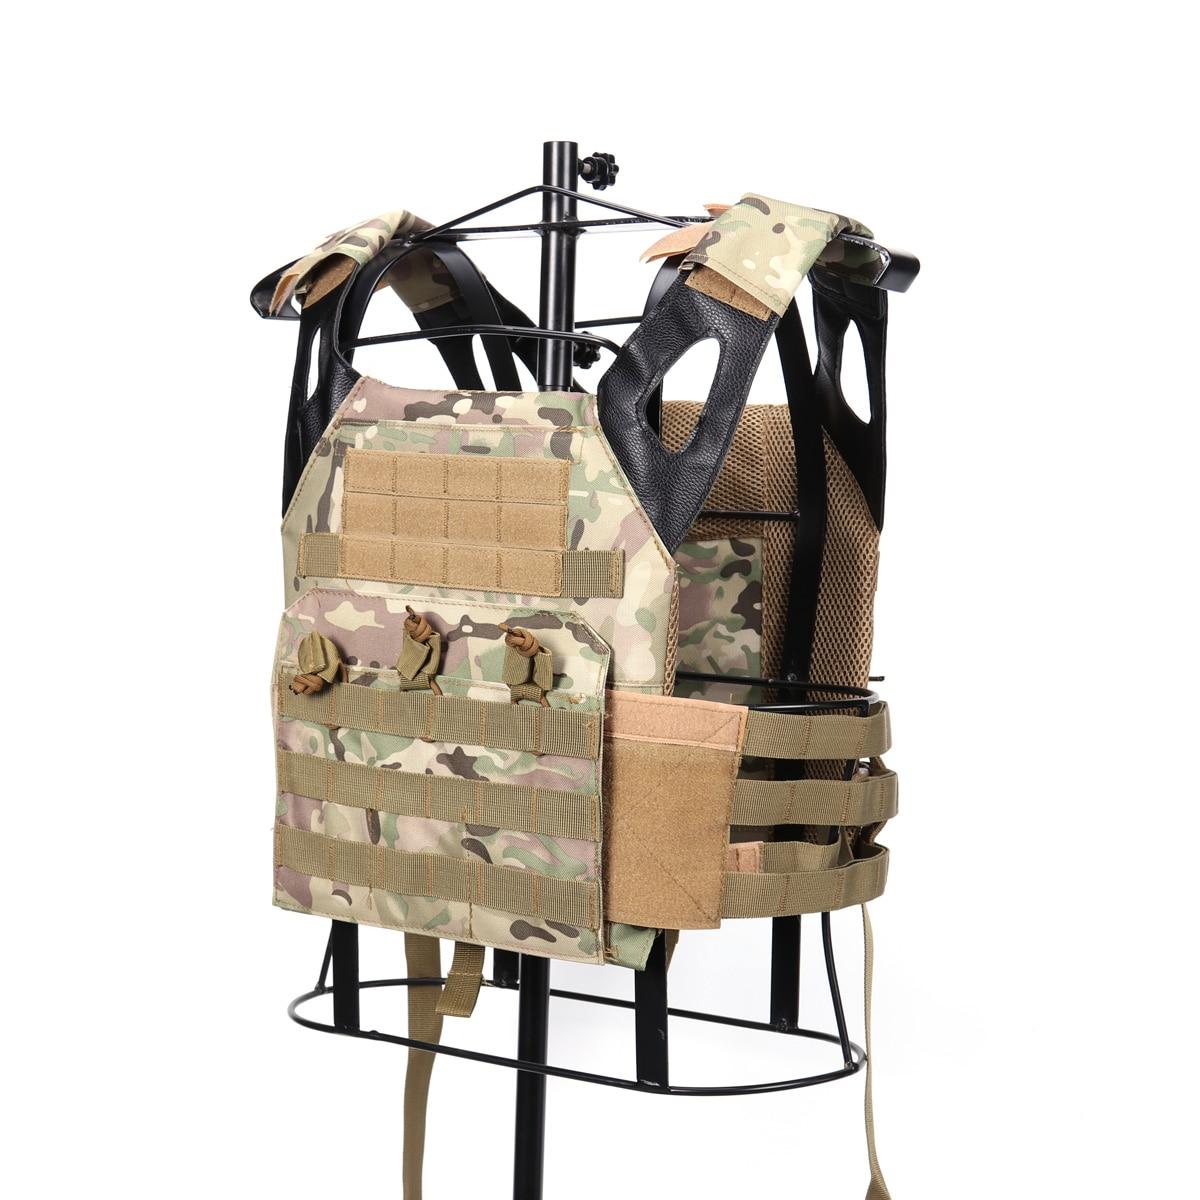 Armée militaire en plein air Airsoft Paintball Combat JPC tactique avant MOLLE plaque transporteur gilet poitrine Plate-forme Wargame accessoires de chasse